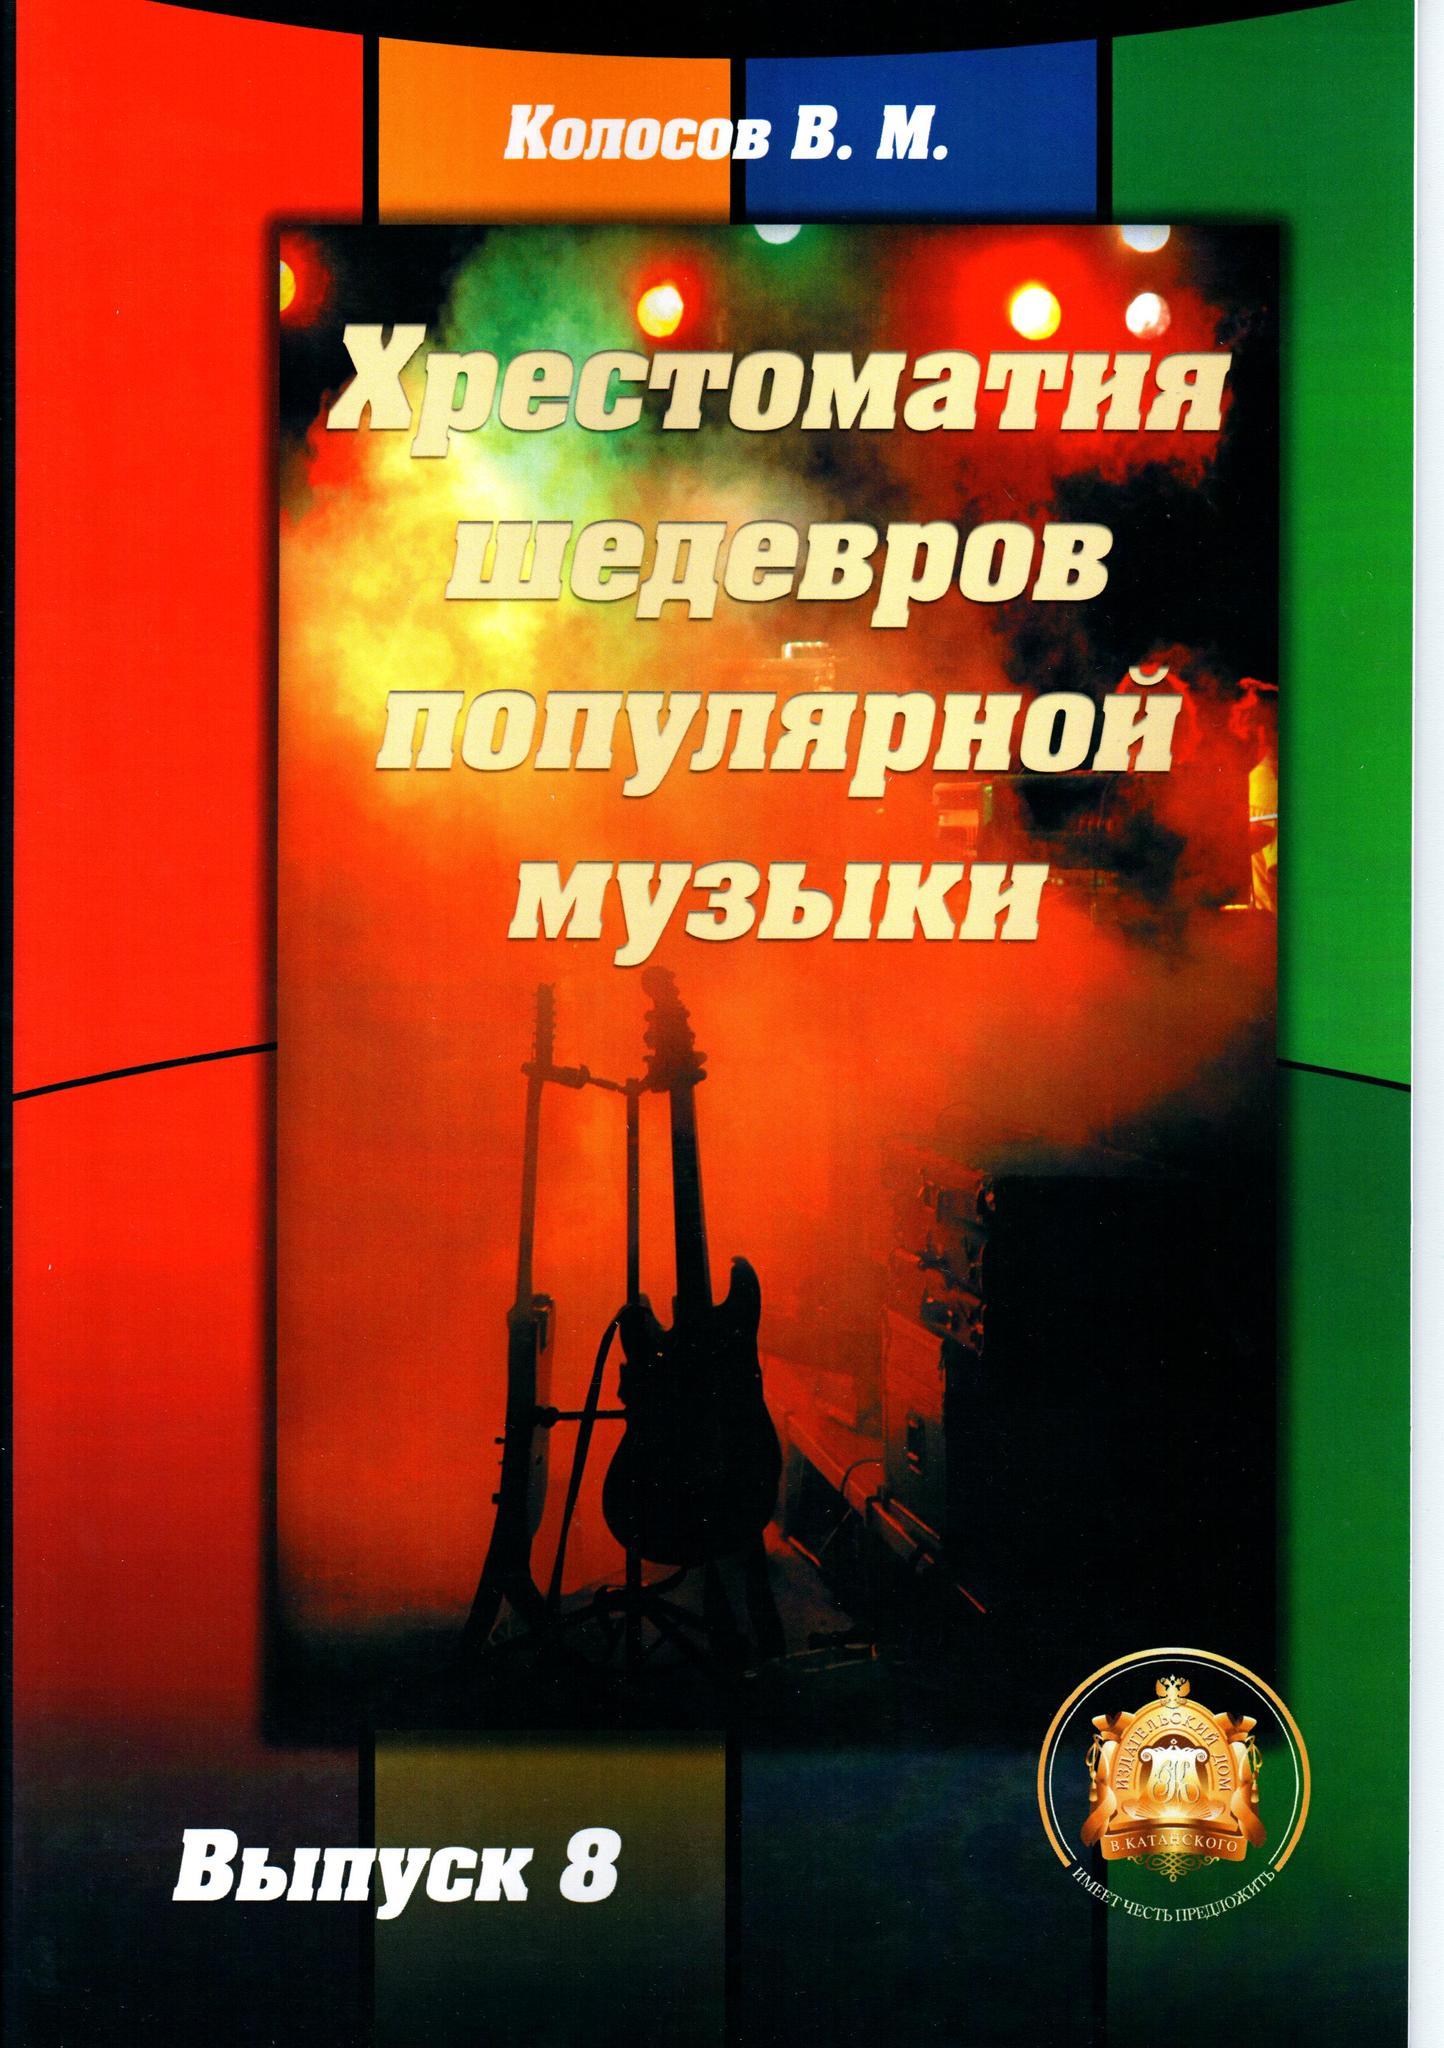 Колосов В. М. Хрестоматия шедевров популярной музыки. Тетрадь 8.